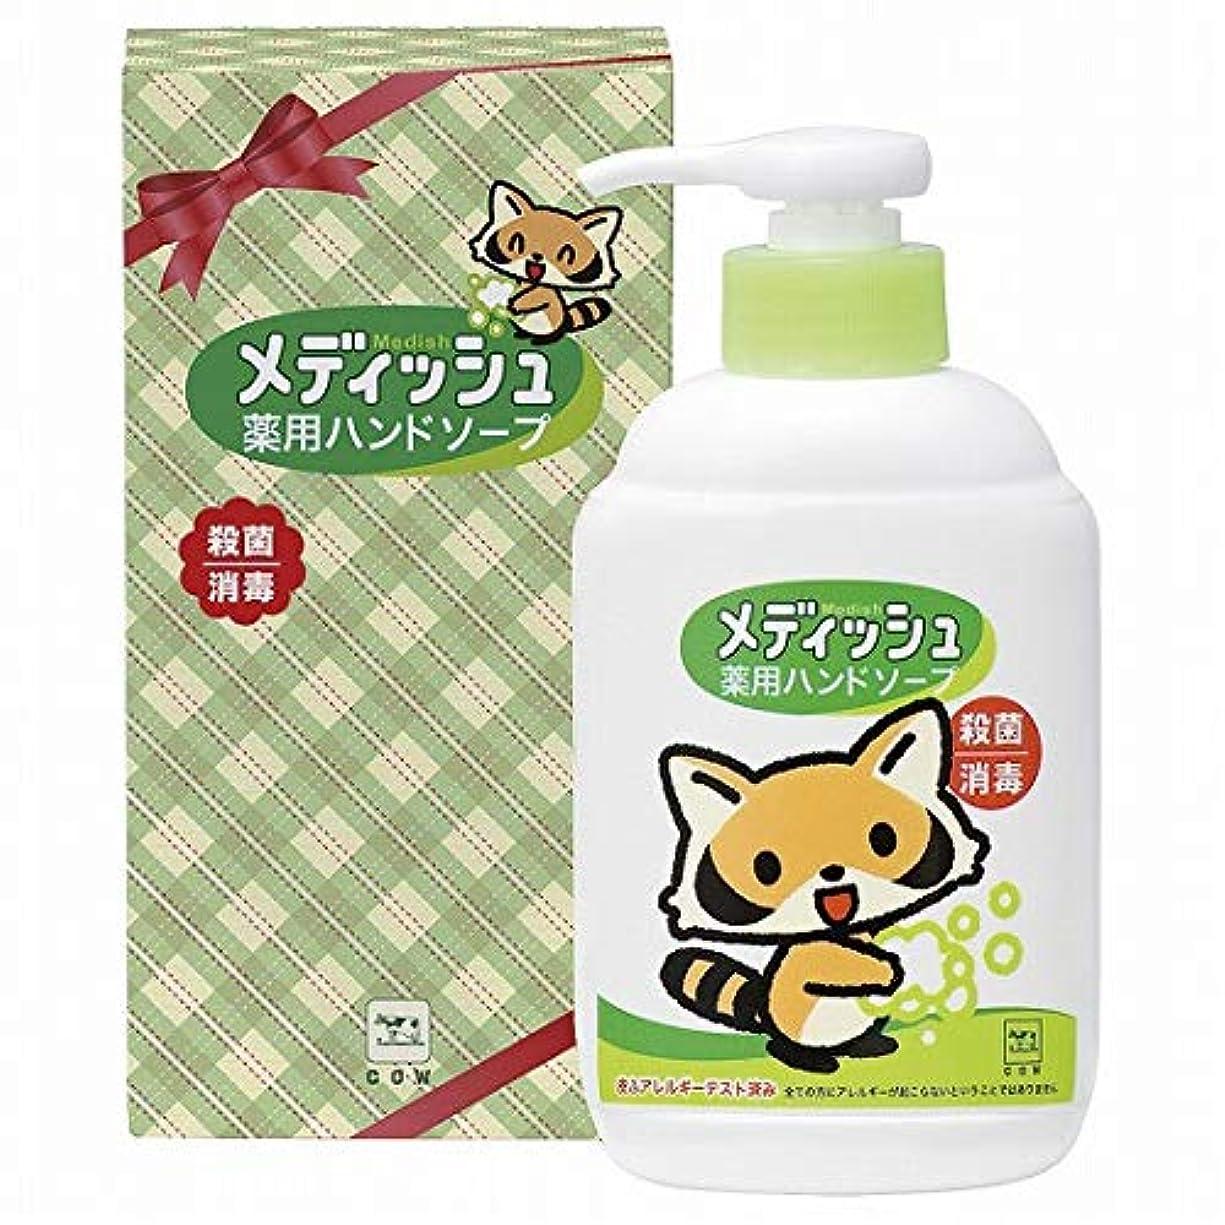 フレキシブル好奇心牛乳石鹸 メディッシュ 薬用ハンドソープ 250ml 箱入